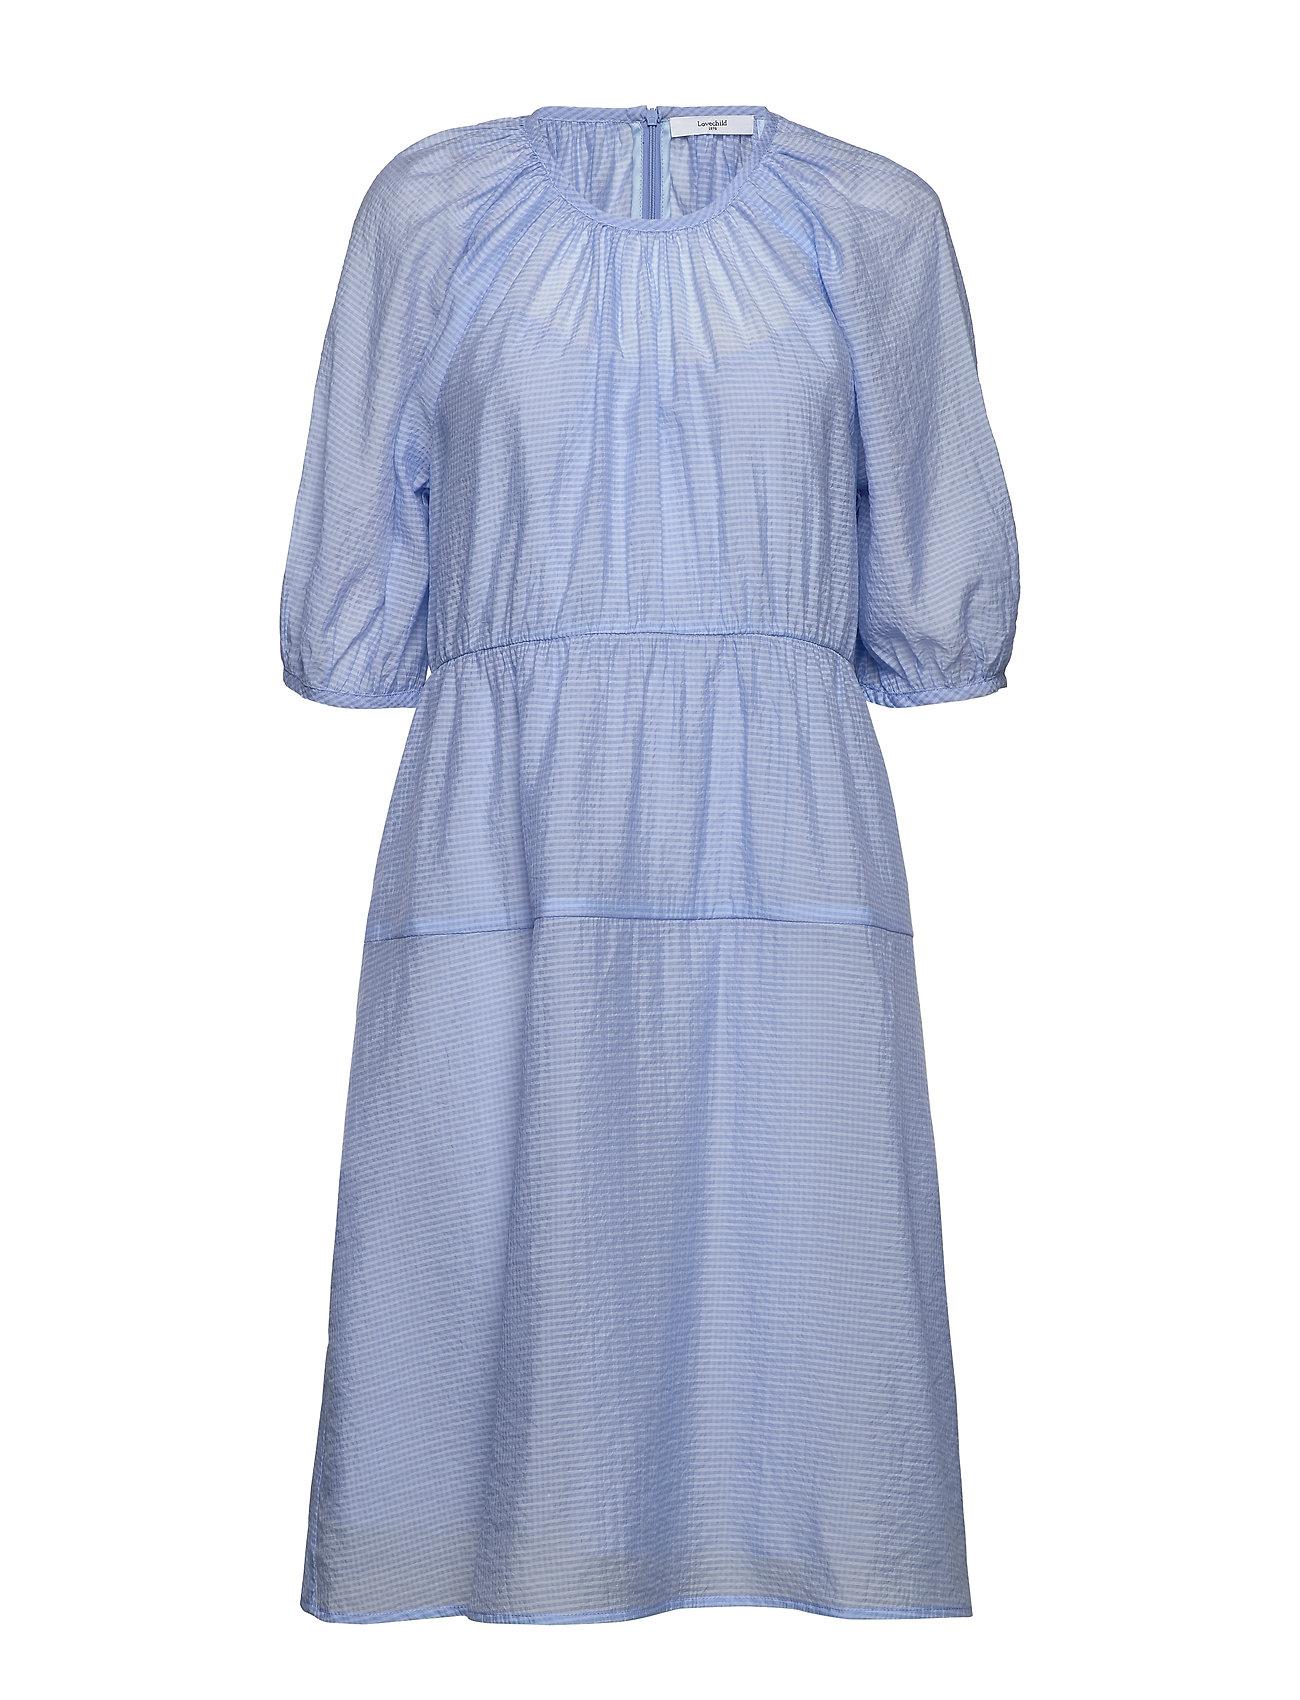 Lovechild 1979 Buster Dress - LIGHT BLUE